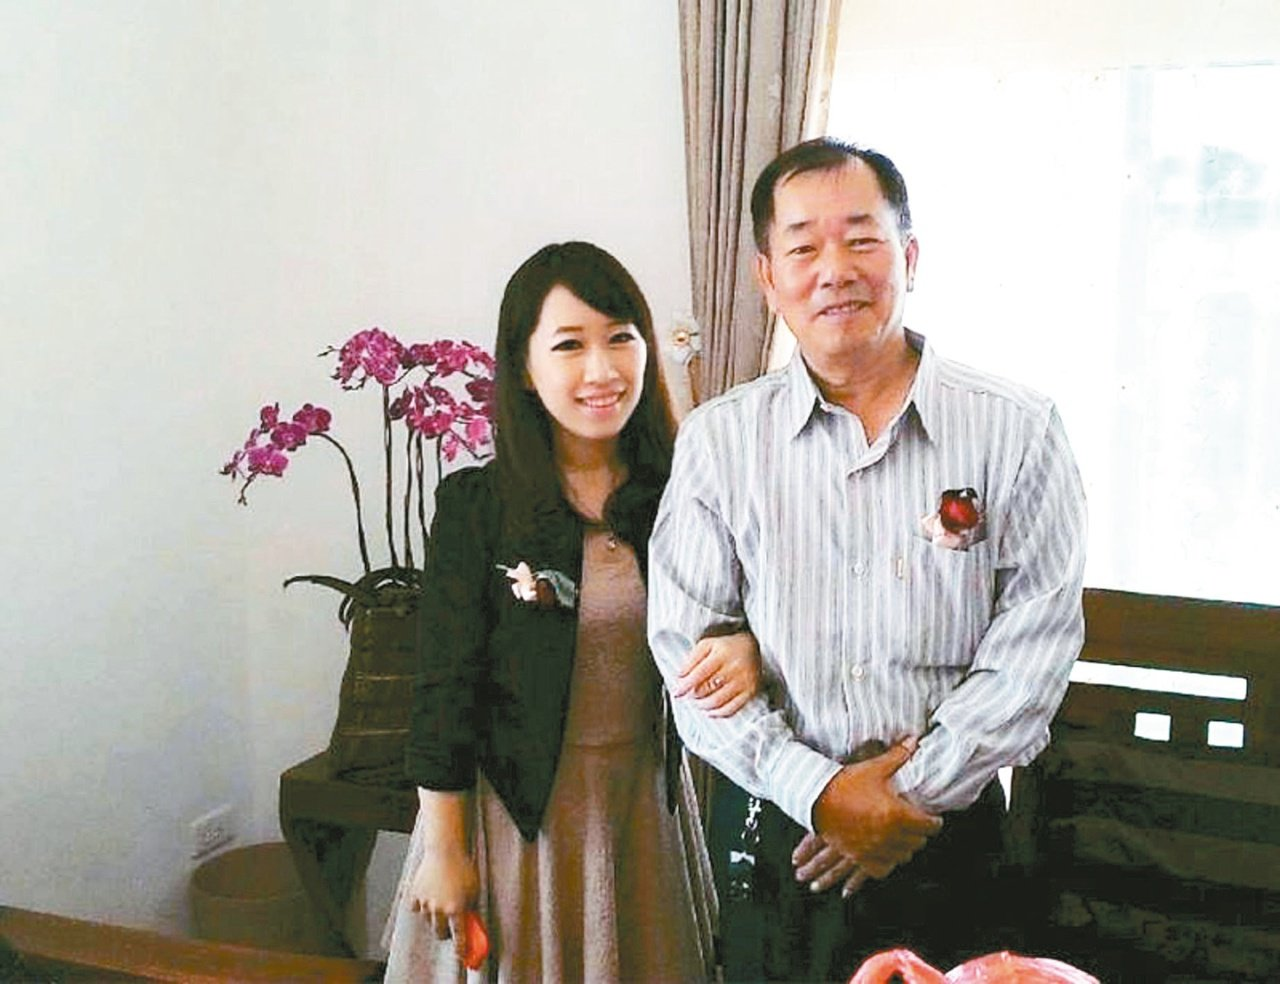 [此文章轉載於聯合報]余佩珊(左)最感謝父親(右)及母親在她準備考試期間,為她擋下親友關心的壓力。 圖/余佩珊提供